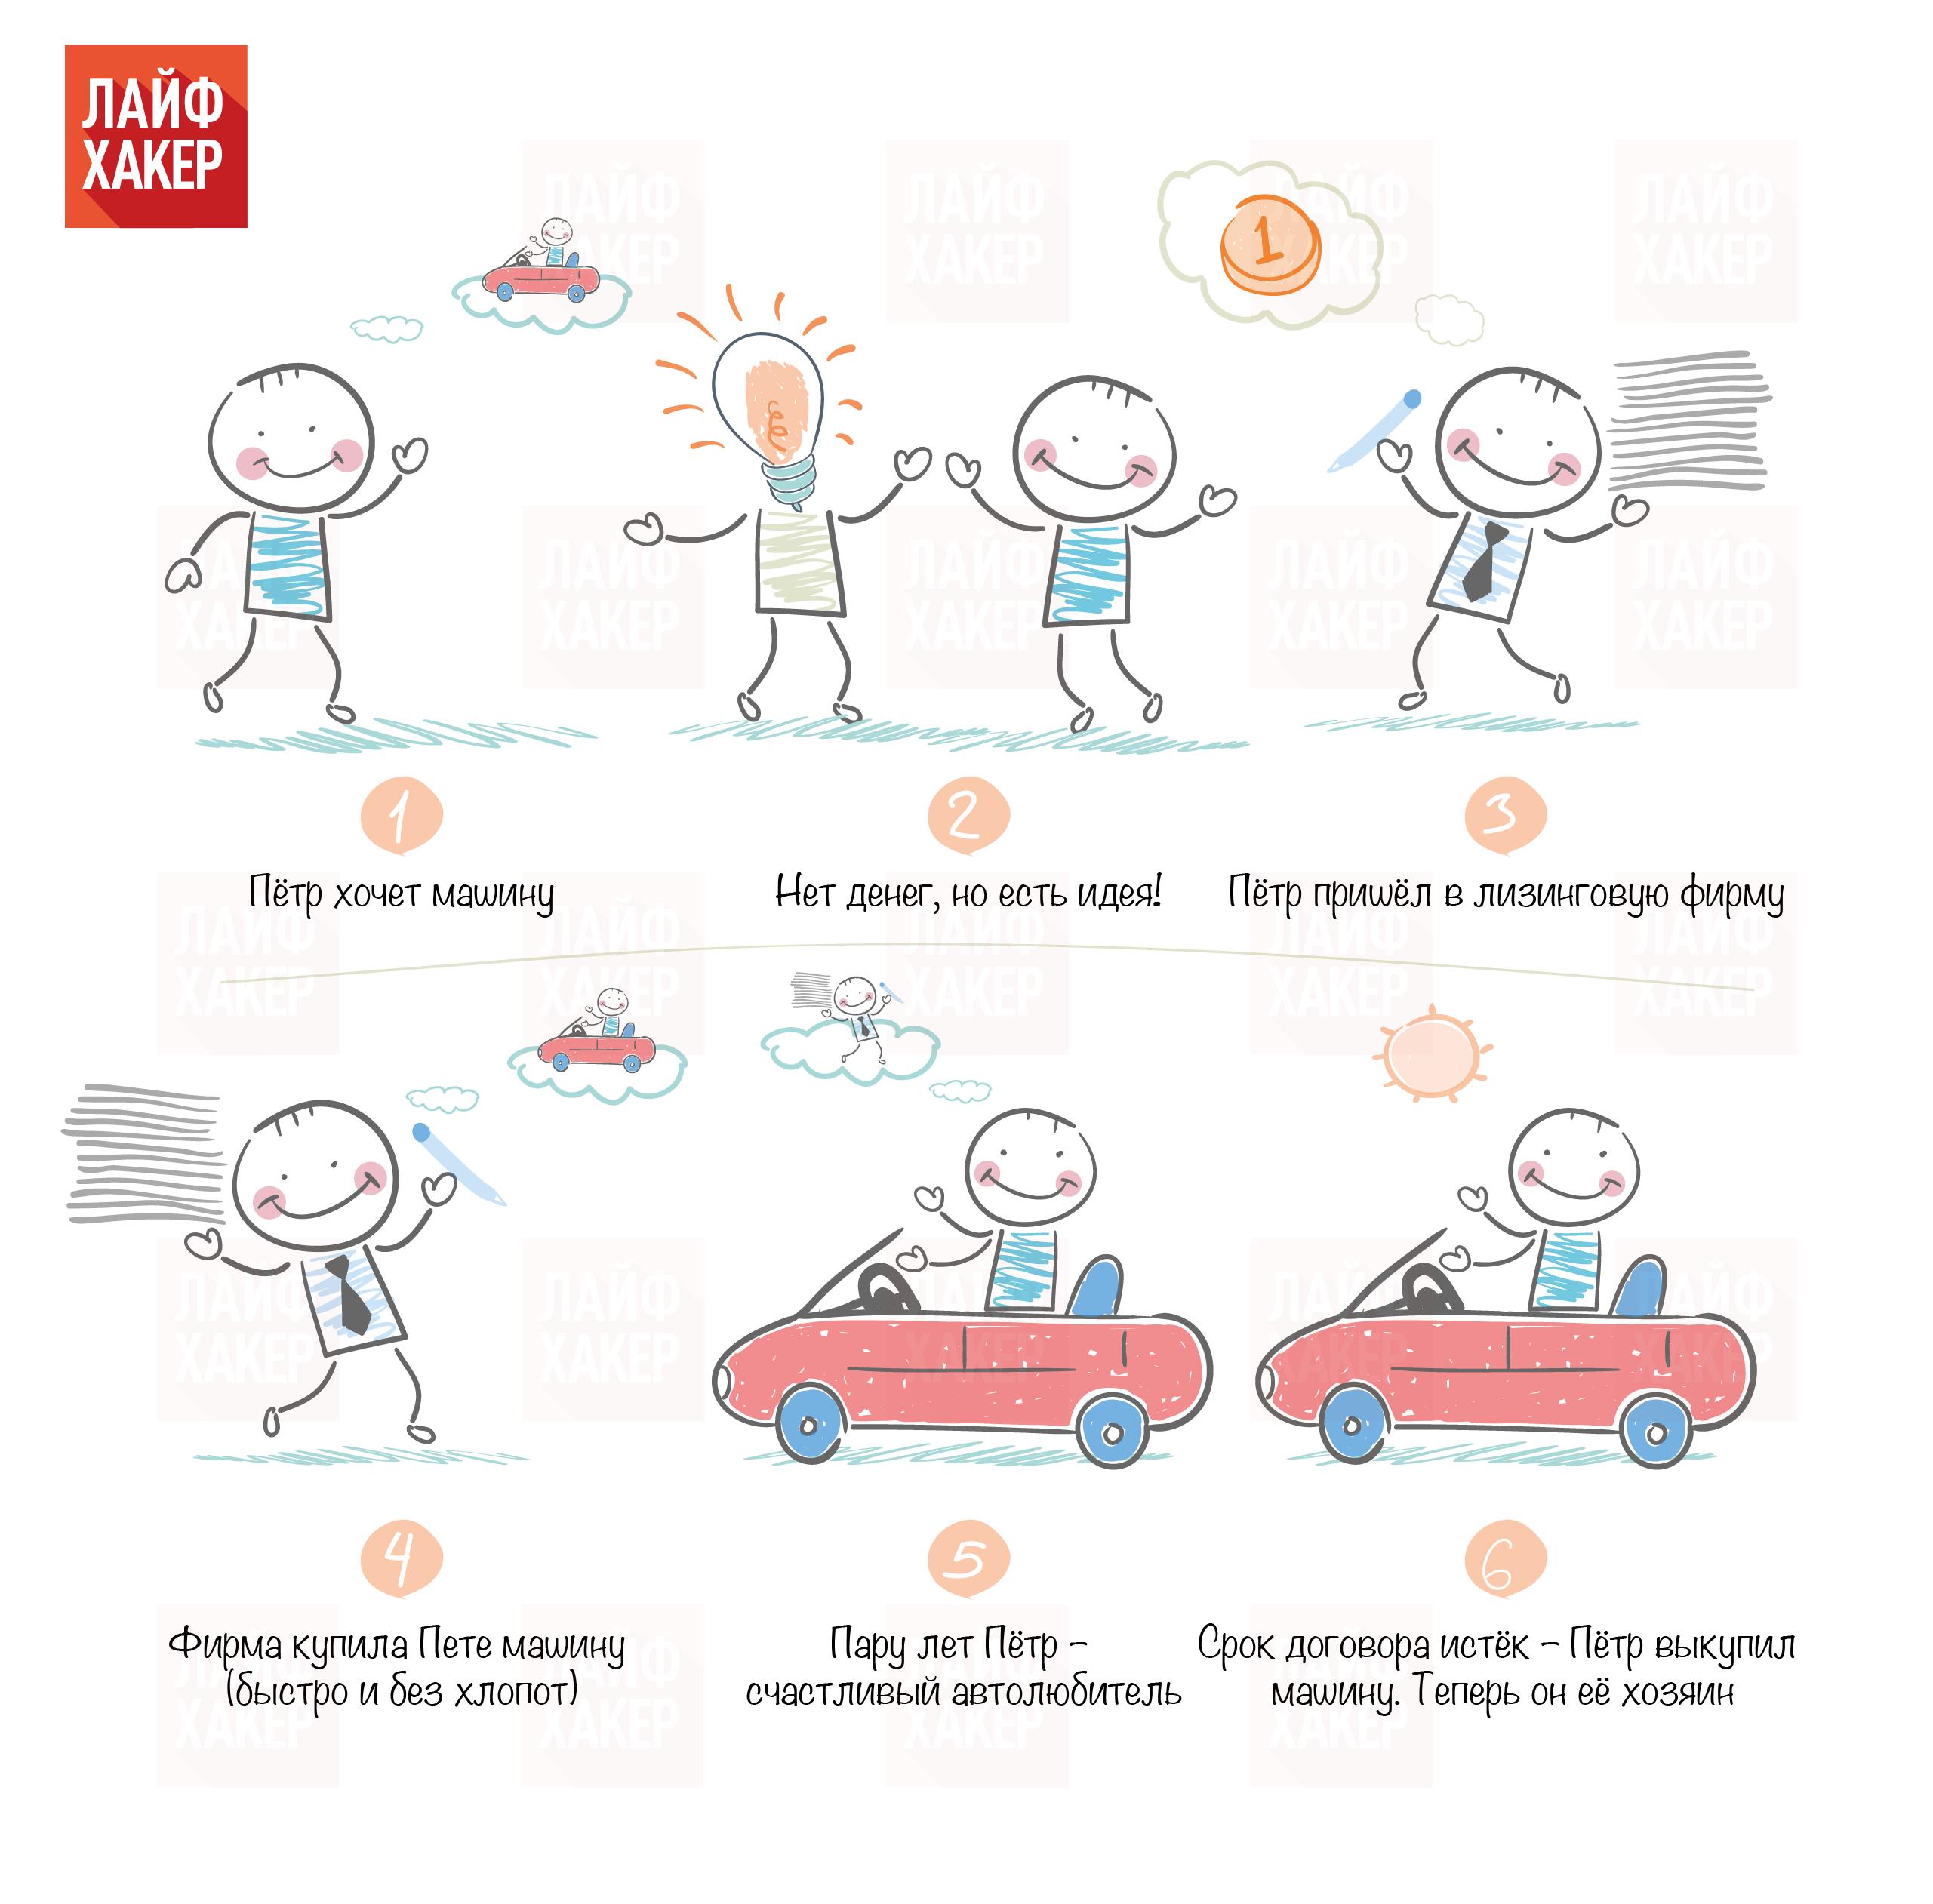 Как вернуть автомобиль